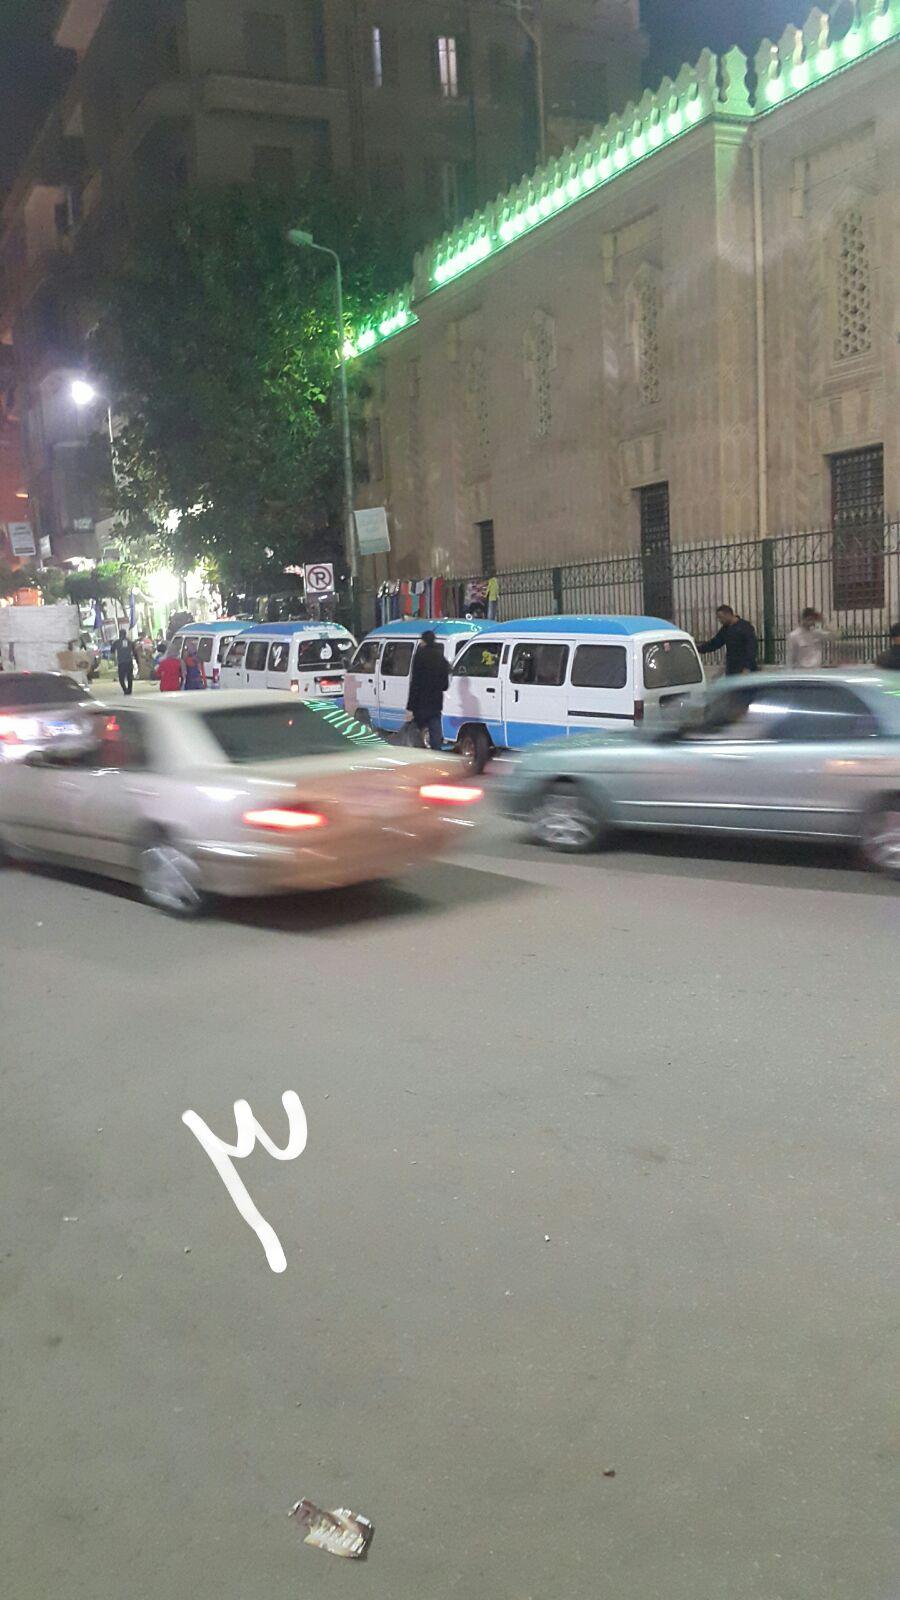 مواطن يتهم أمين شرطة بـ«كلبشة» سيارته دون بقية المخالفين: «قاللي ادفع»